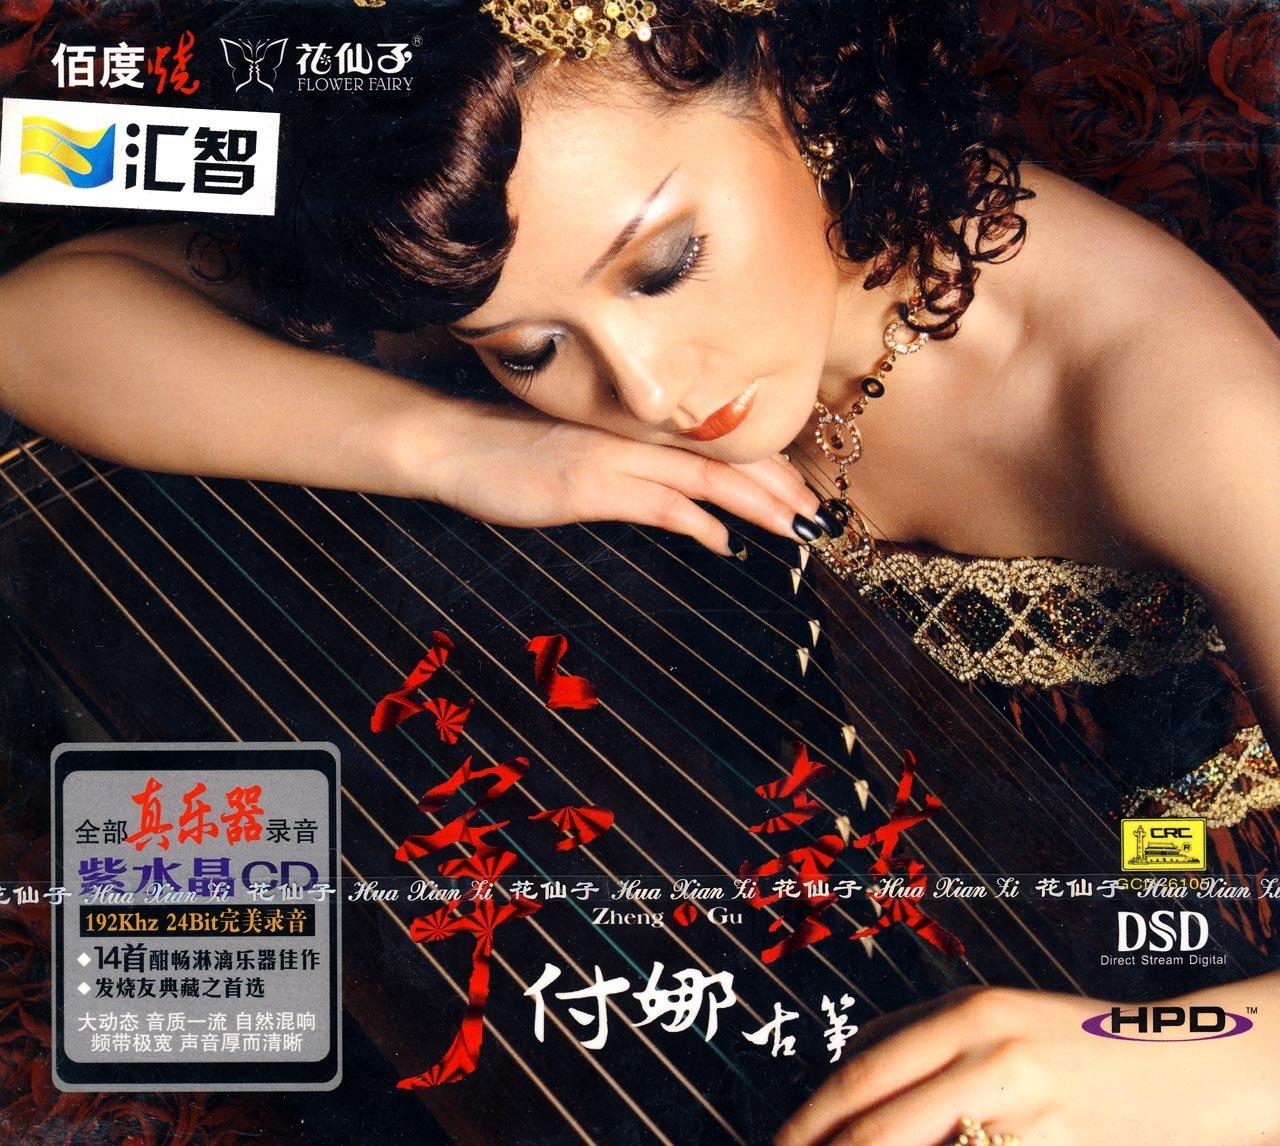 筝鼓 付娜 古筝(cd)